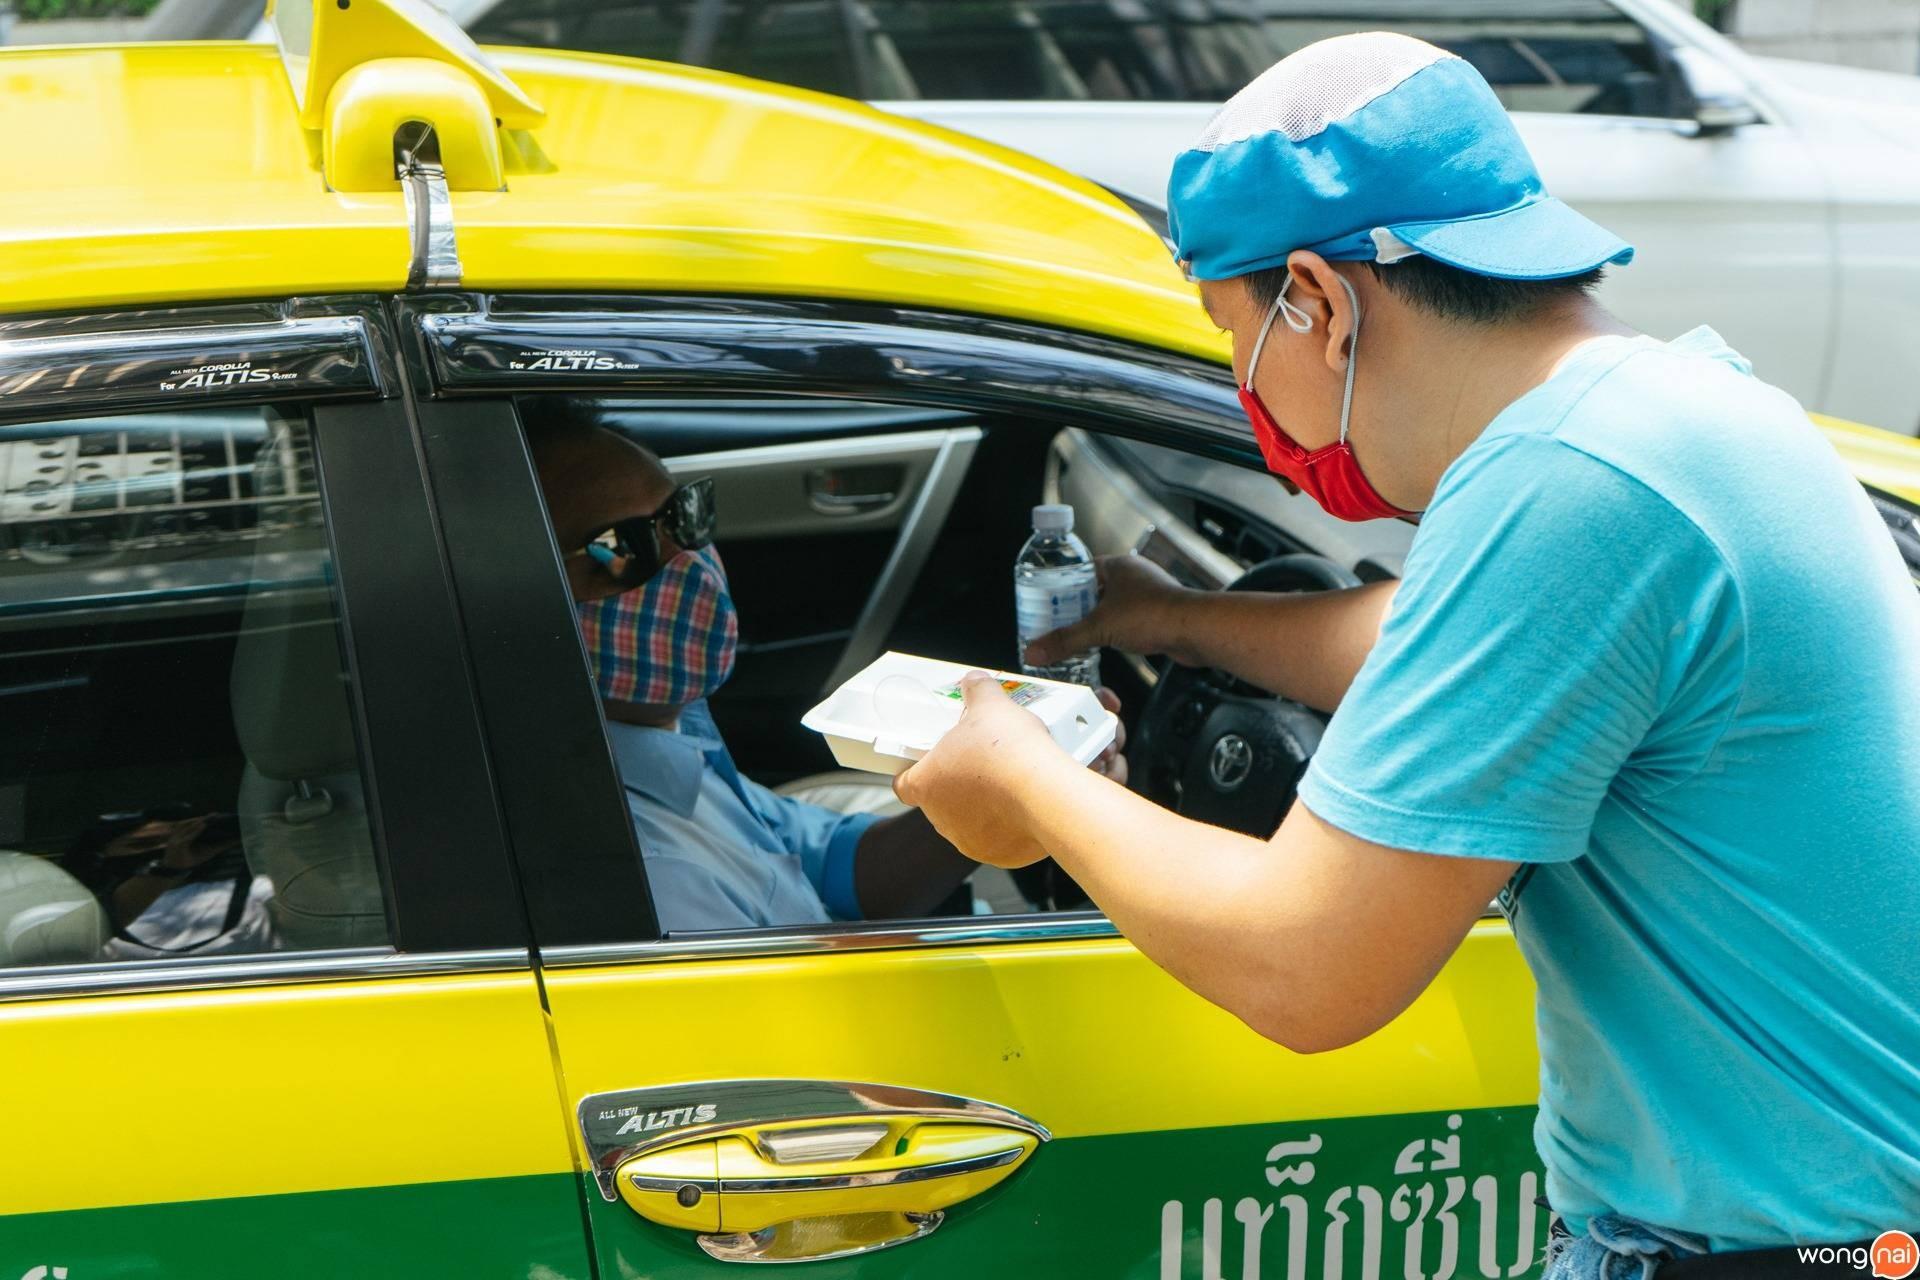 แจกอาหารฟรีให้กับแท็กซี่ในช่วงโรคระบาดโควิด-19